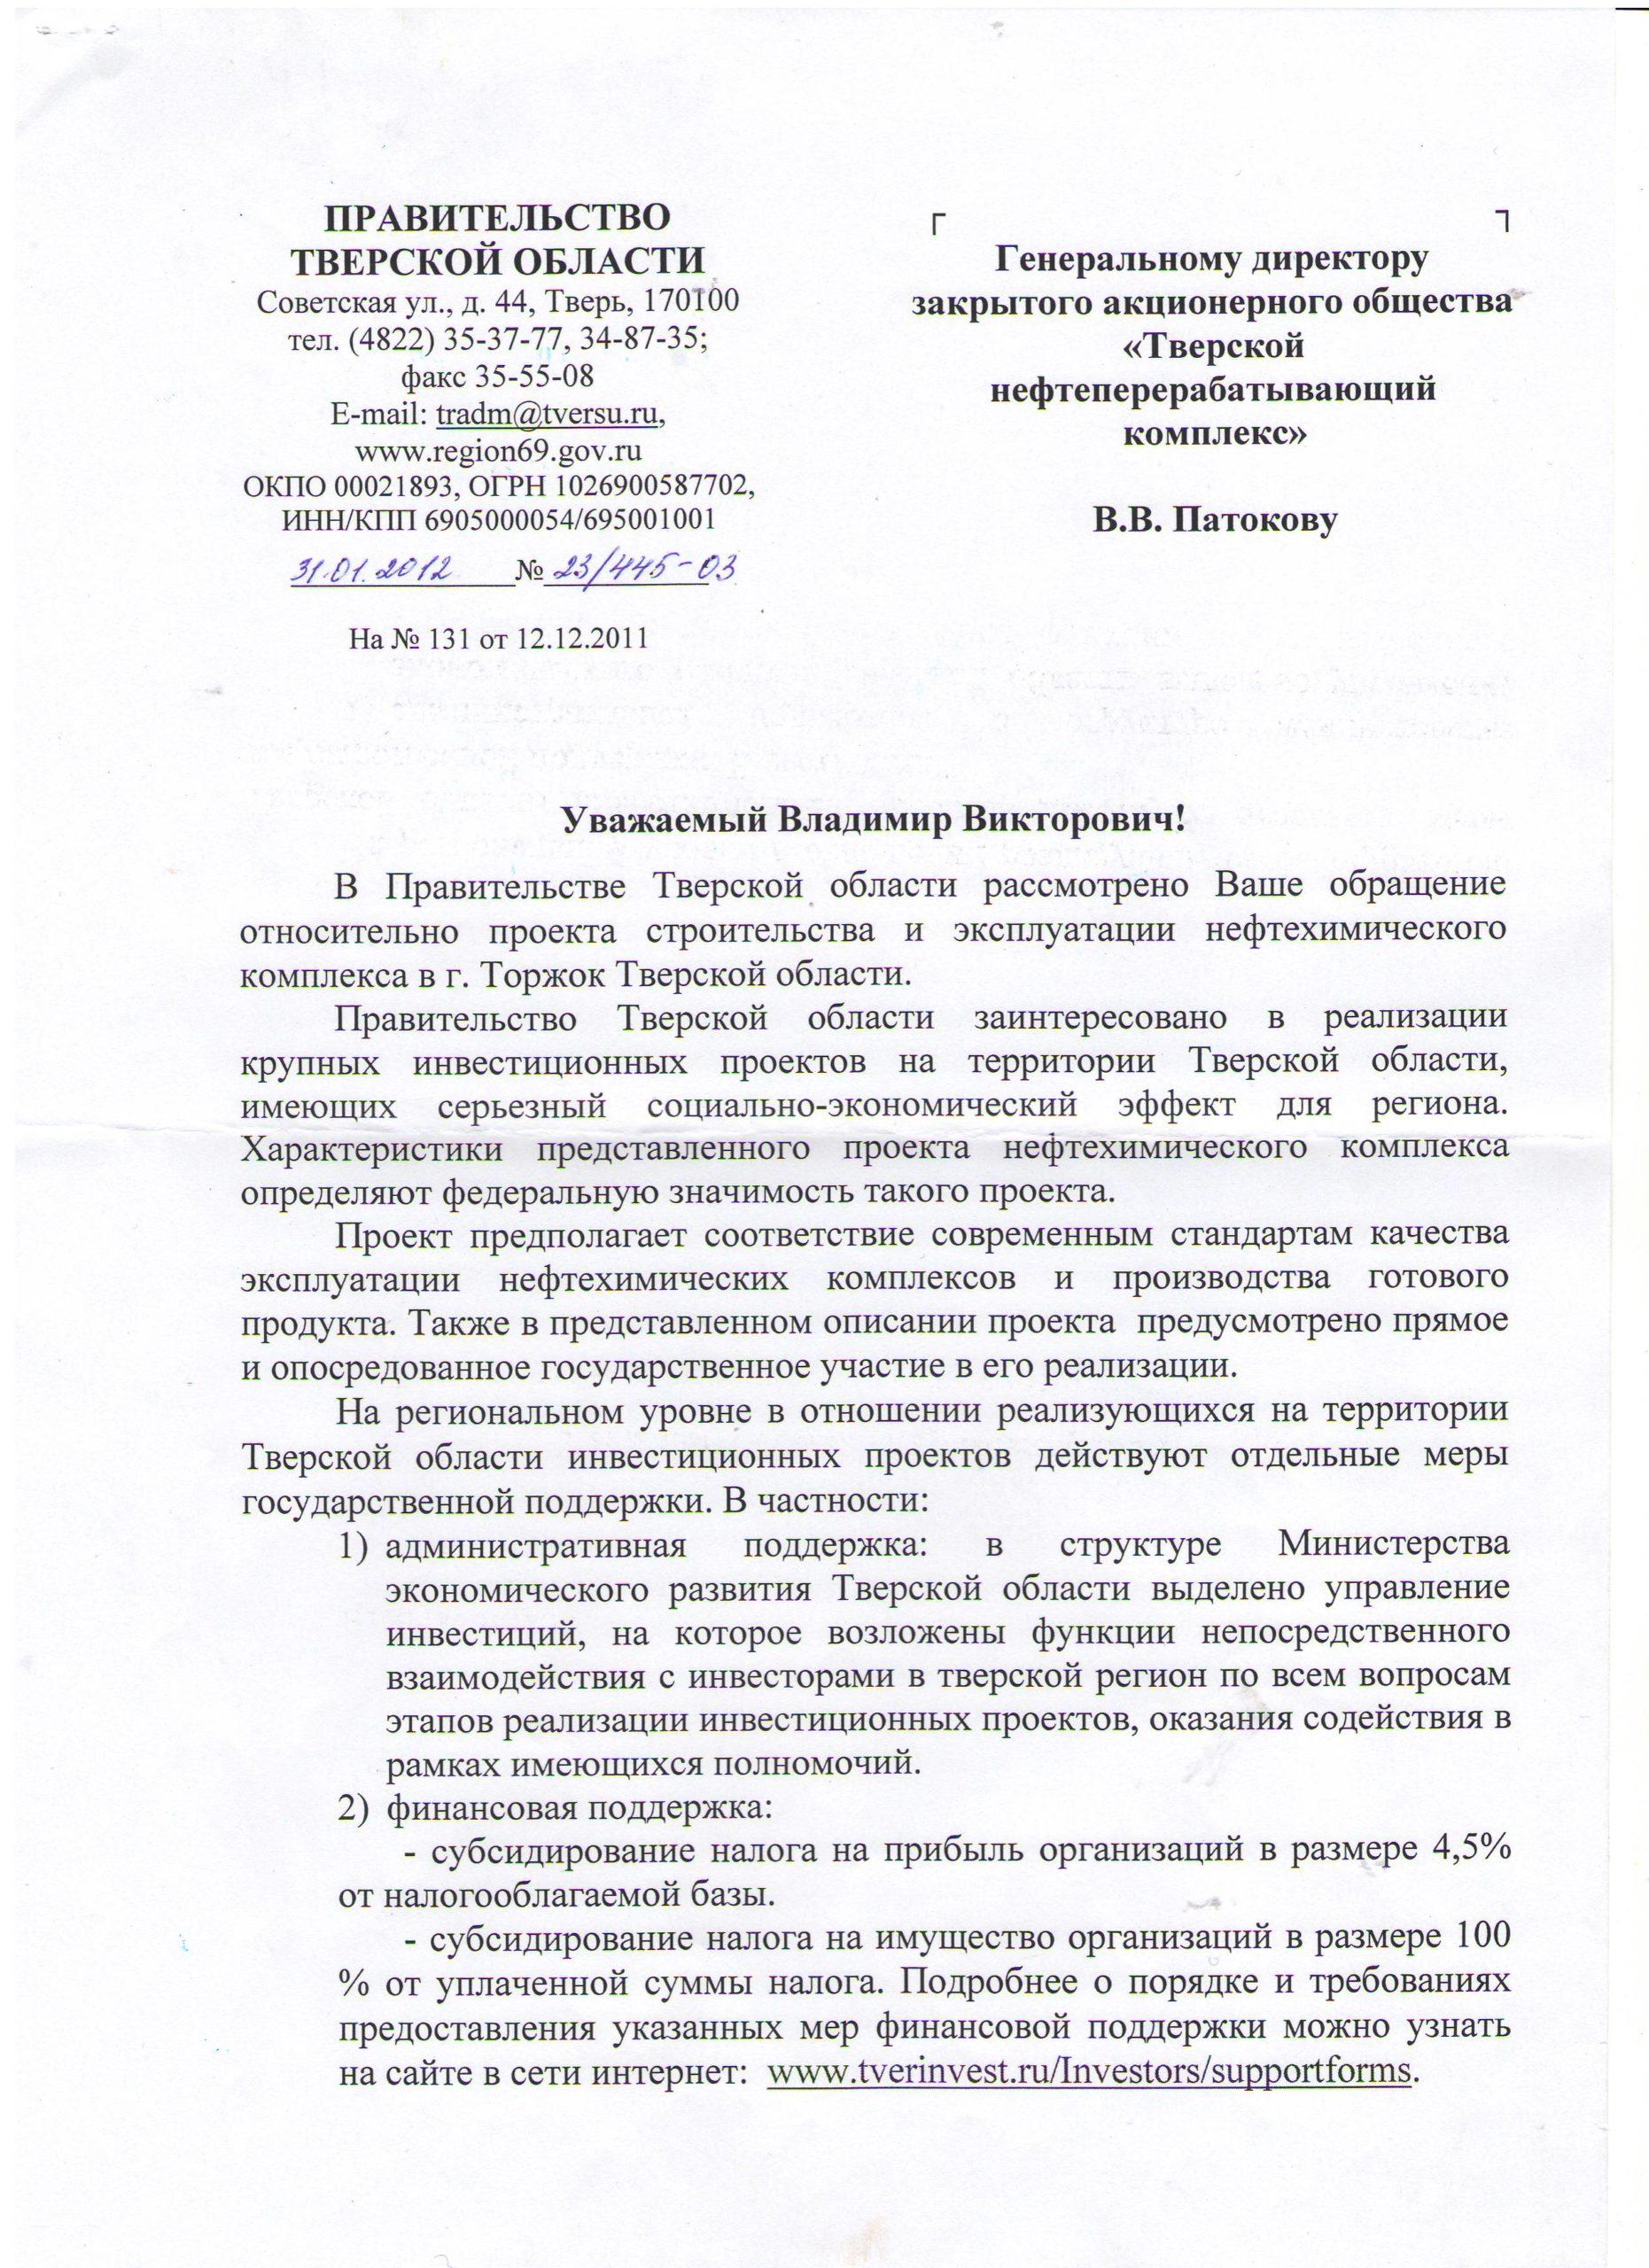 3.2. Власти России не нуждаются в почти 5 млрд. долларов налогов ежегодно.